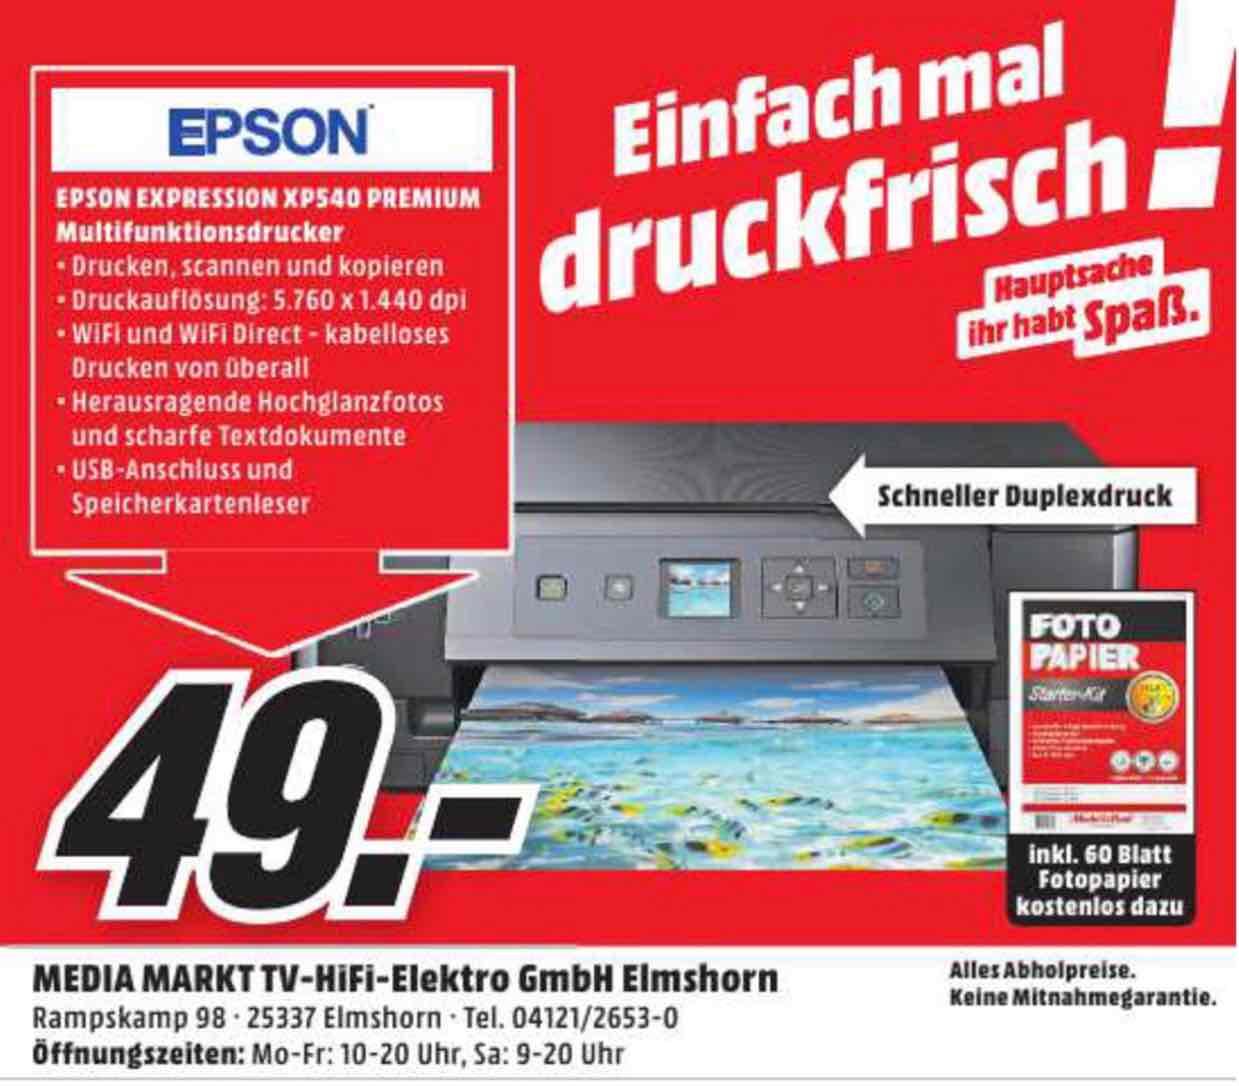 [ Lokal Media Markt Elmshorn ] Epson Expression Premium XP-540 für nur 49€ inklusive 60 Blatt Fotopapier !